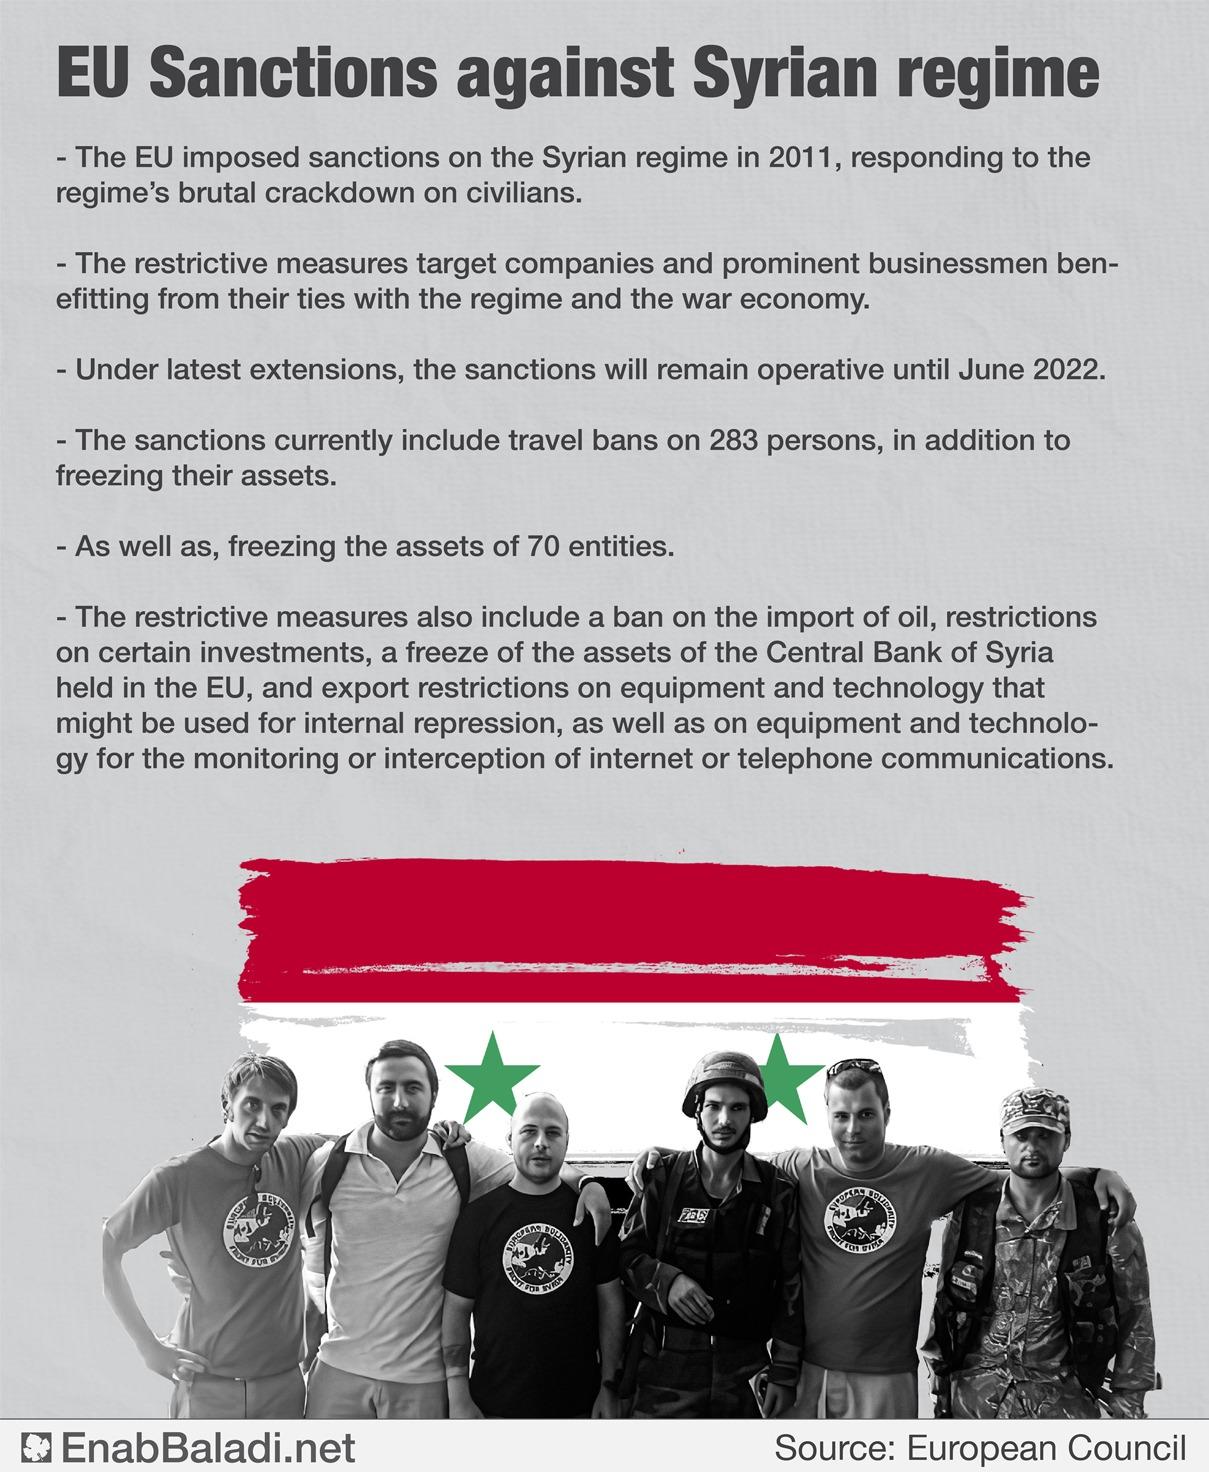 EU sanctions against the Syrian regime.